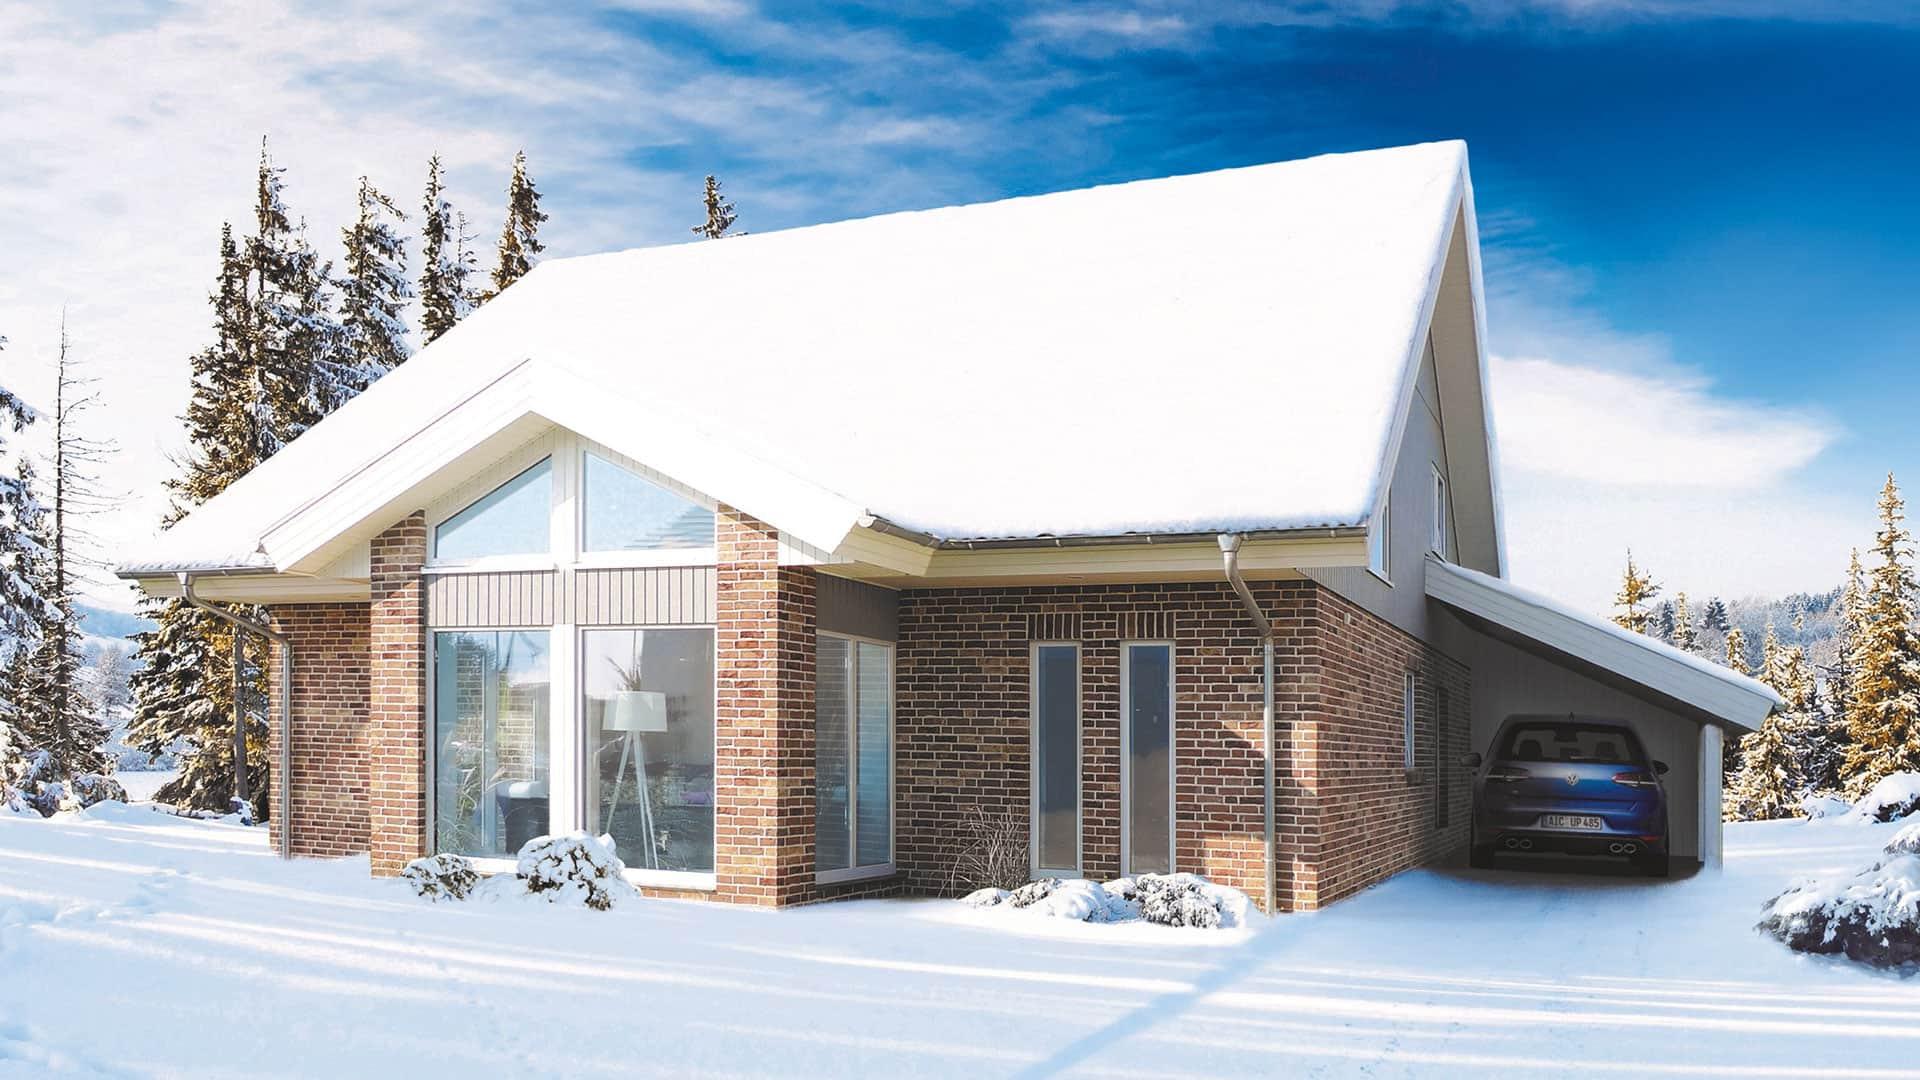 Das 1-Liter-Haus mit Polar-Wärmeschutz